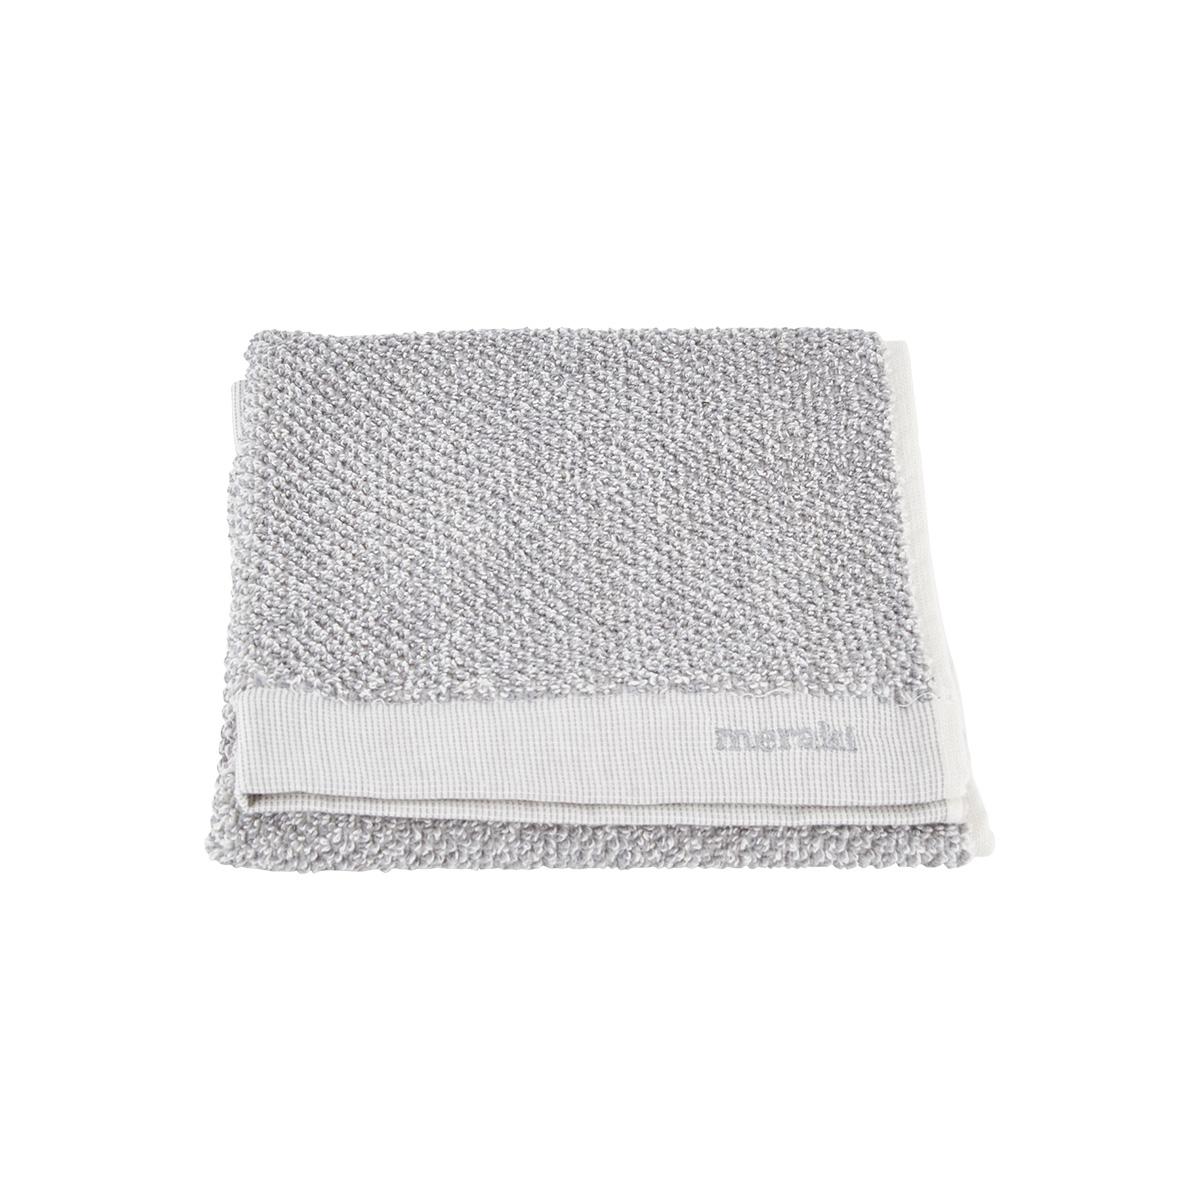 Image of   Meraki Håndklæde, hvid/grå, pakke m. 2 stk. 40 x 60 cm, 100% bomuld